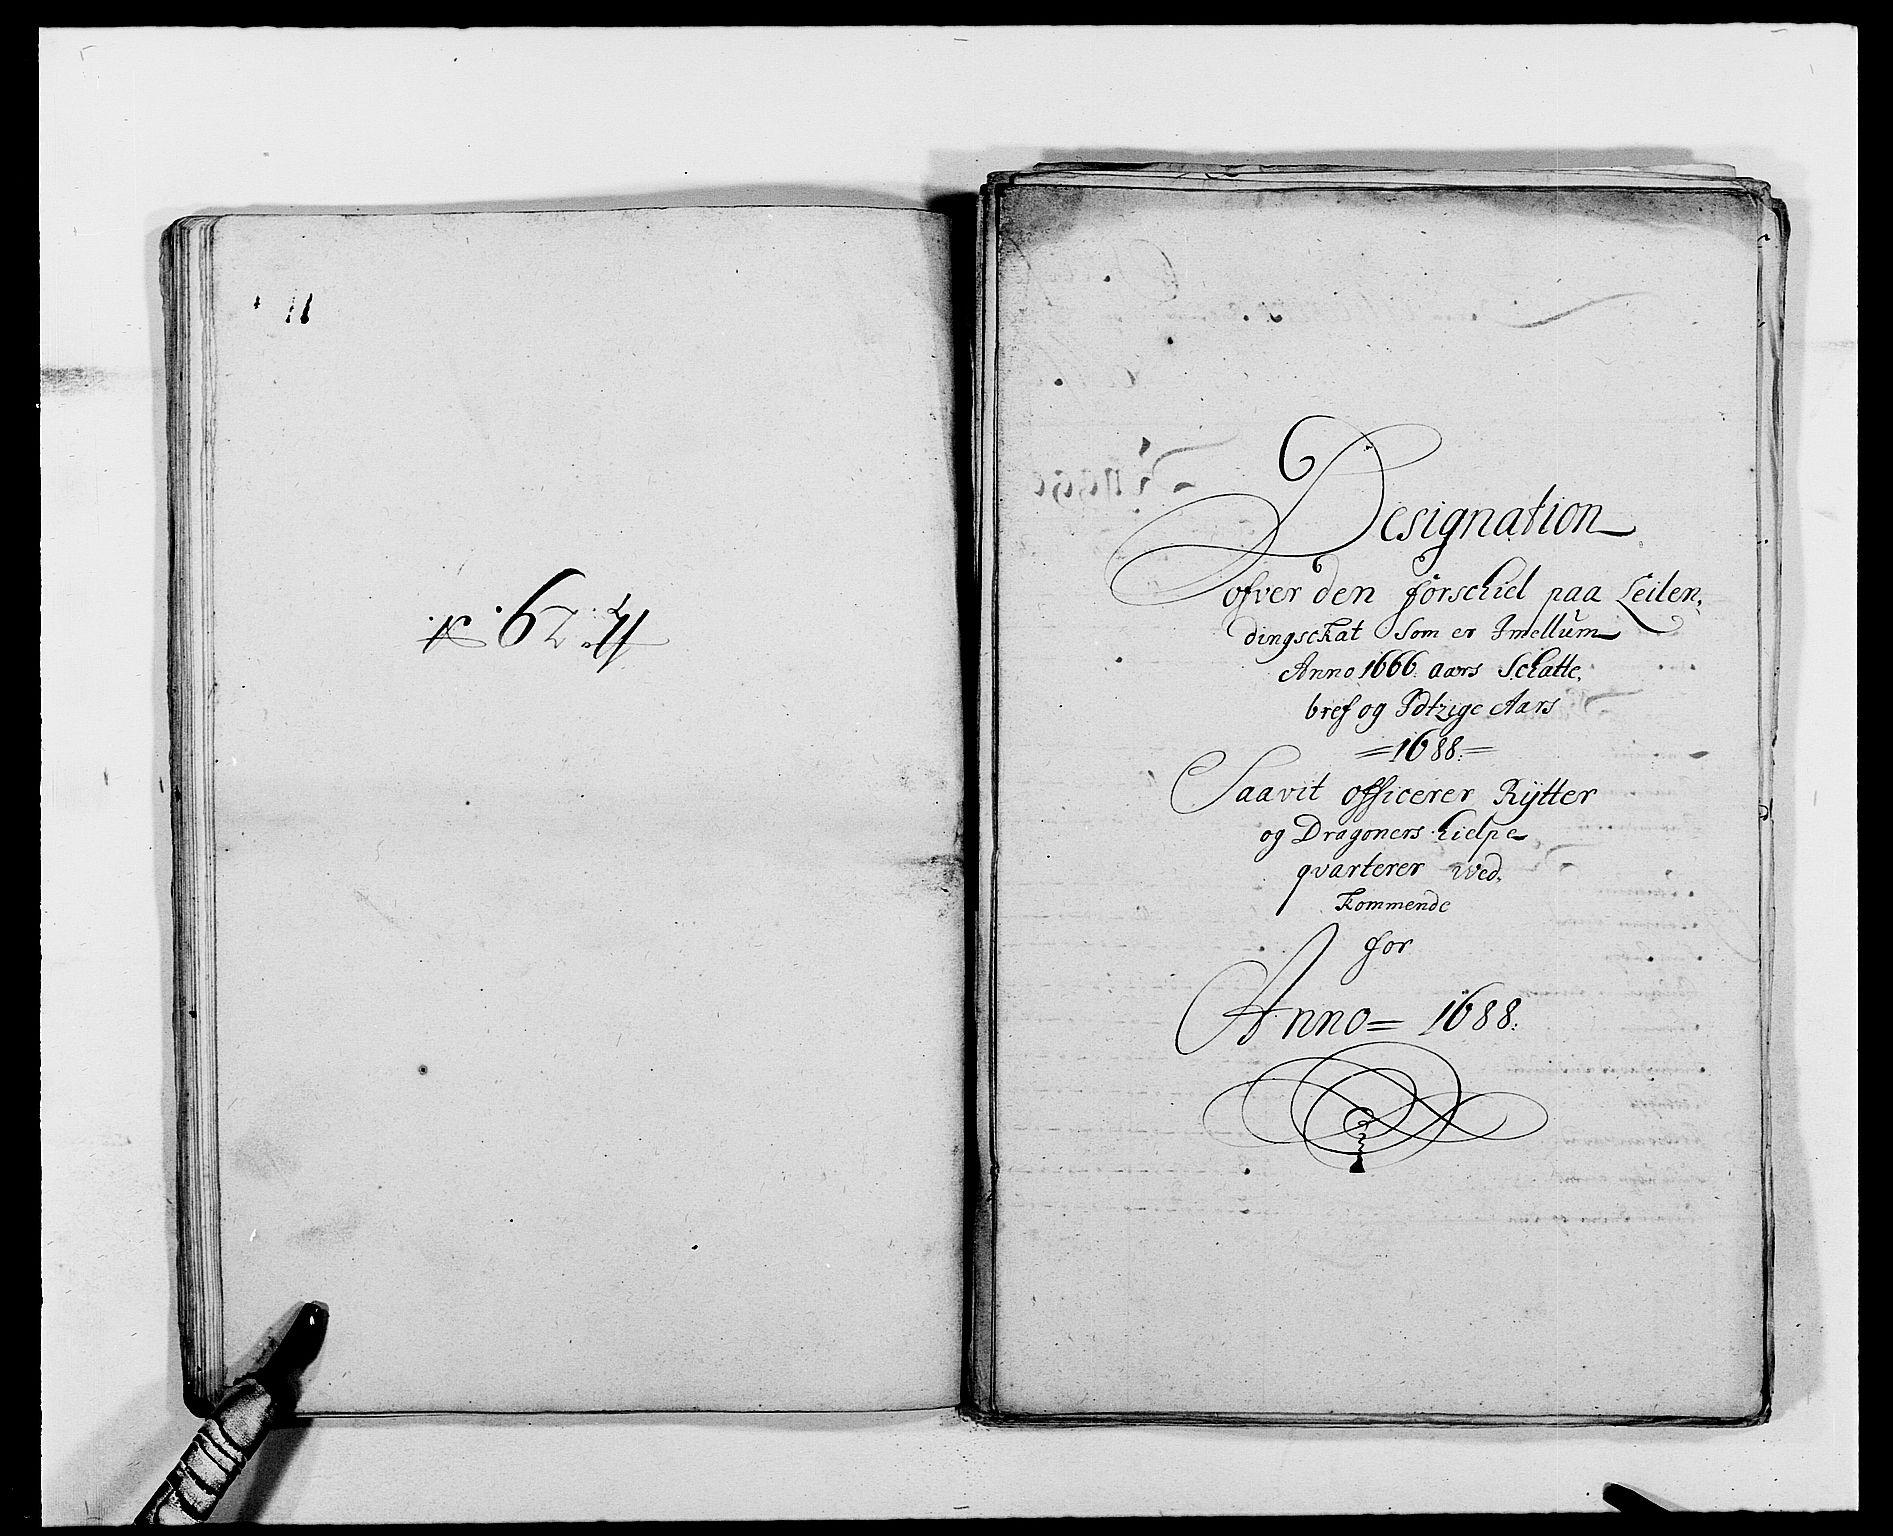 RA, Rentekammeret inntil 1814, Reviderte regnskaper, Fogderegnskap, R02/L0107: Fogderegnskap Moss og Verne kloster, 1685-1691, s. 222